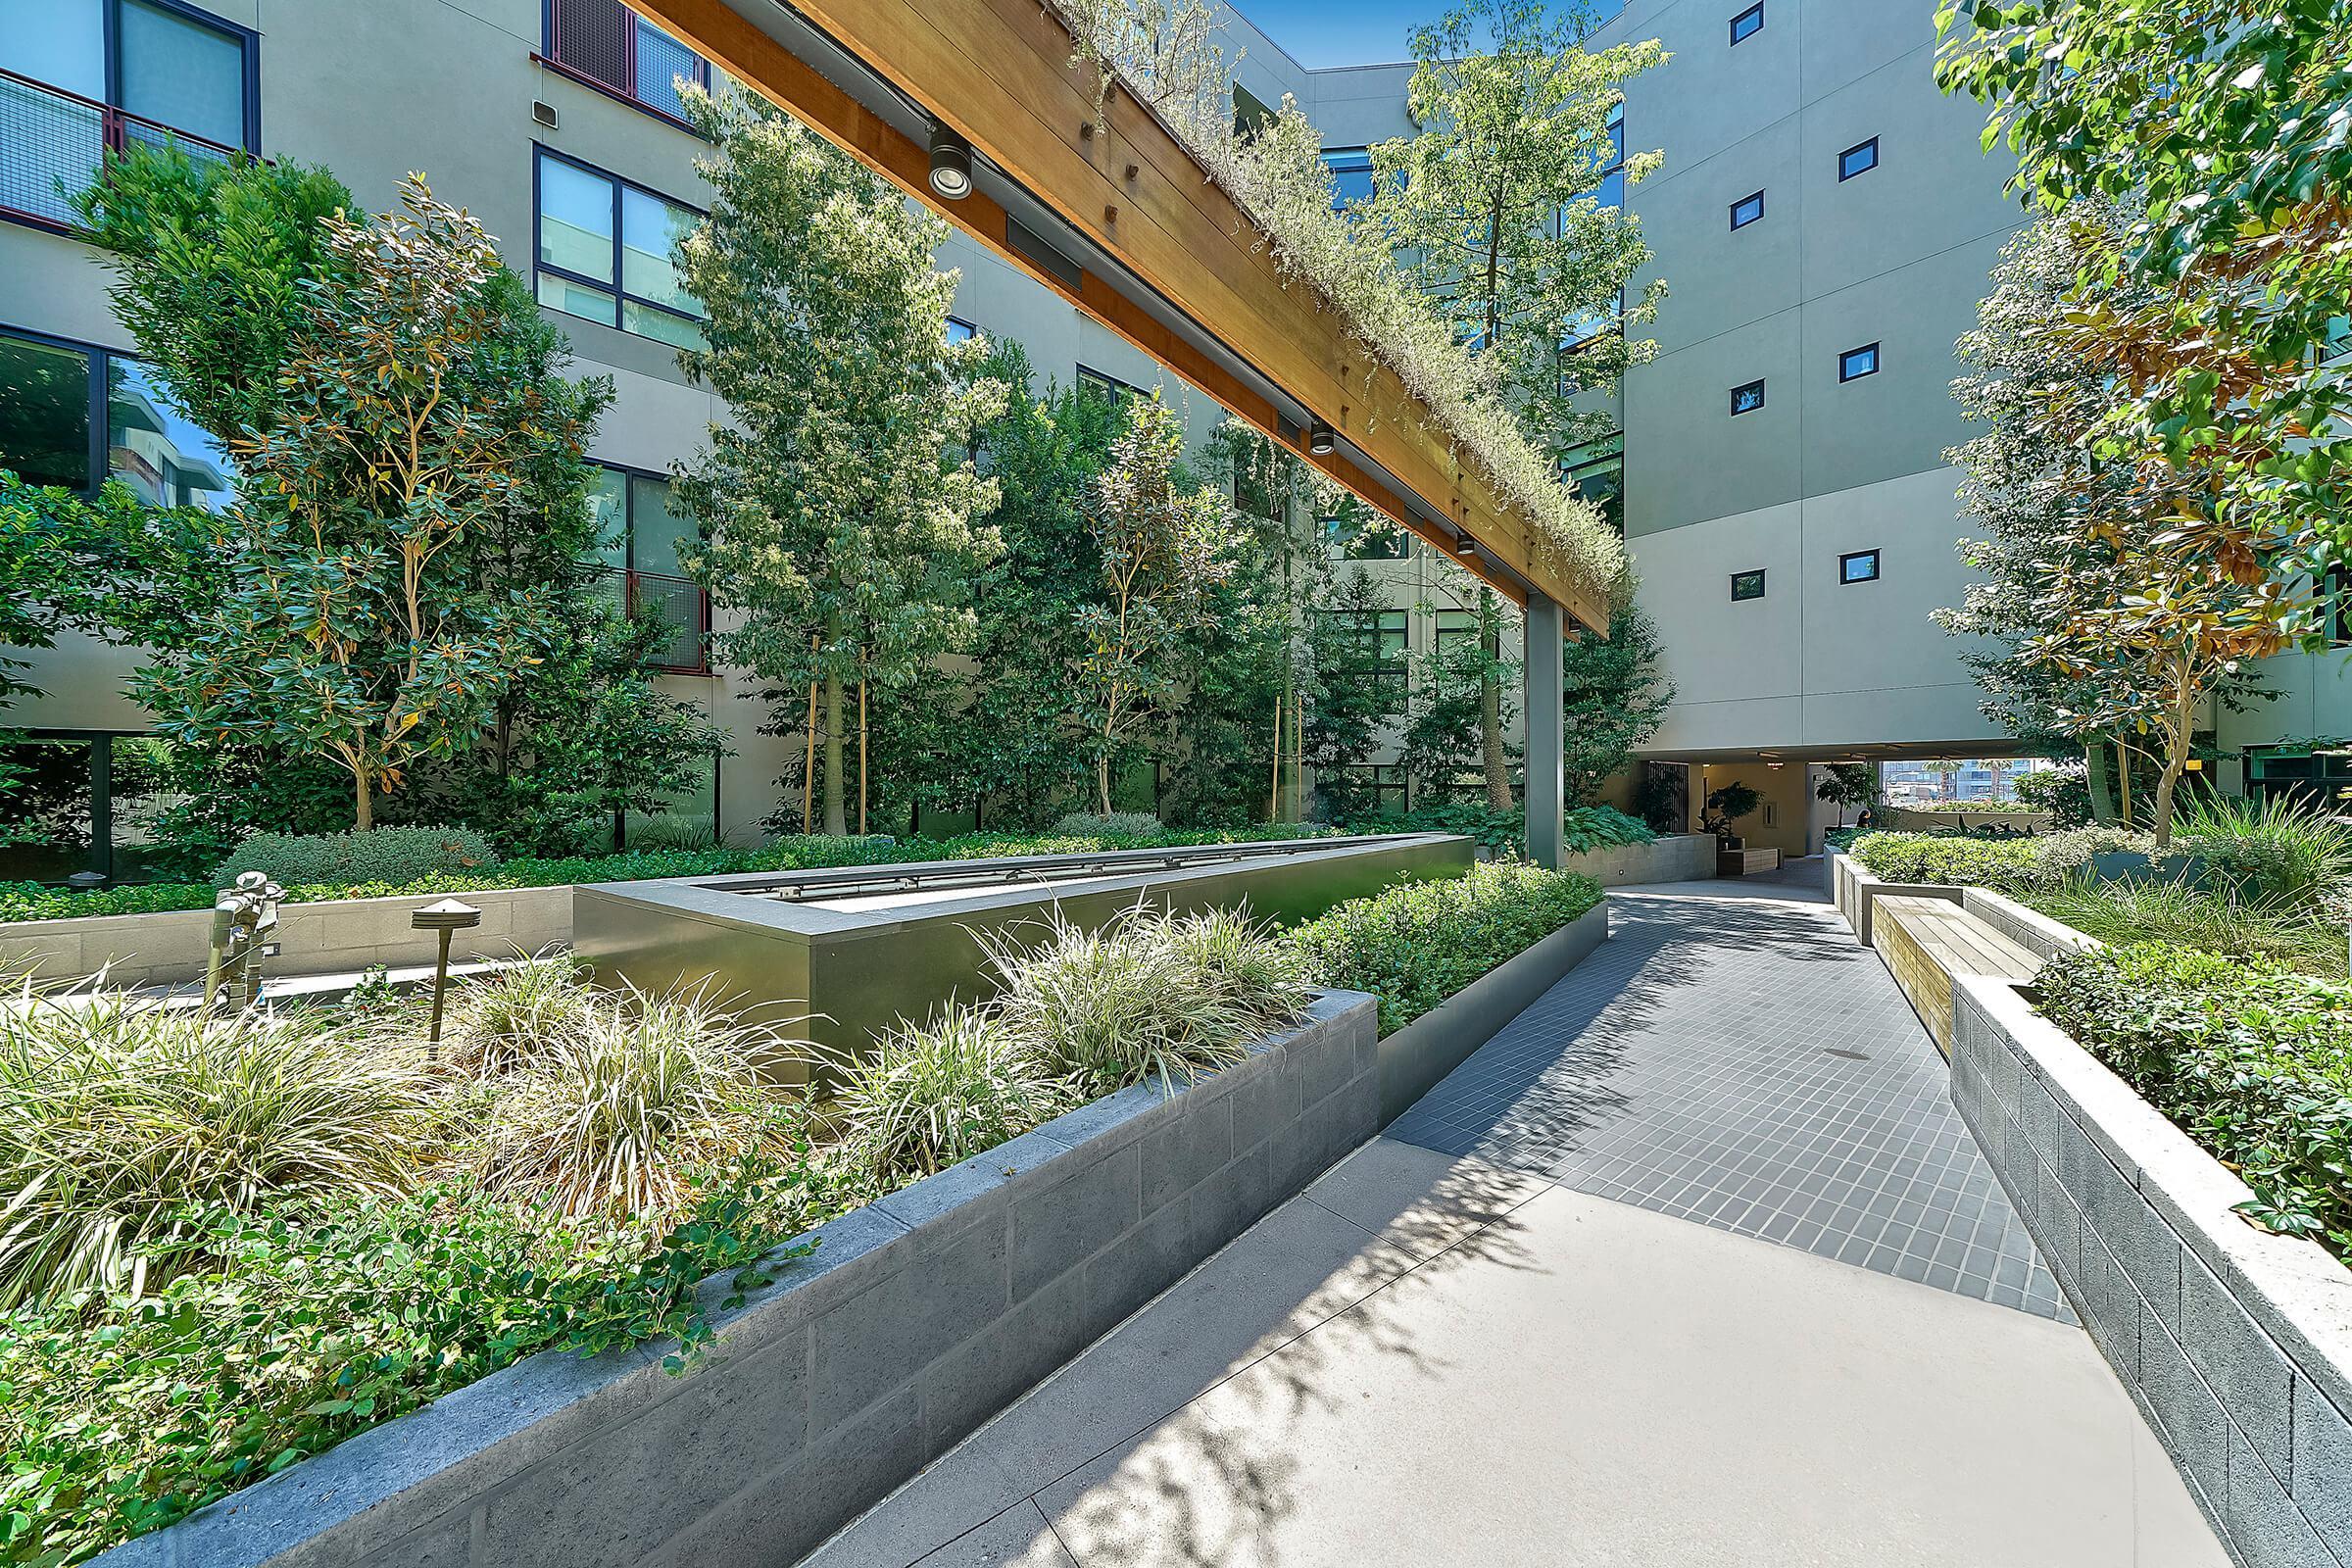 Eastown Apartments walkway between community buildings